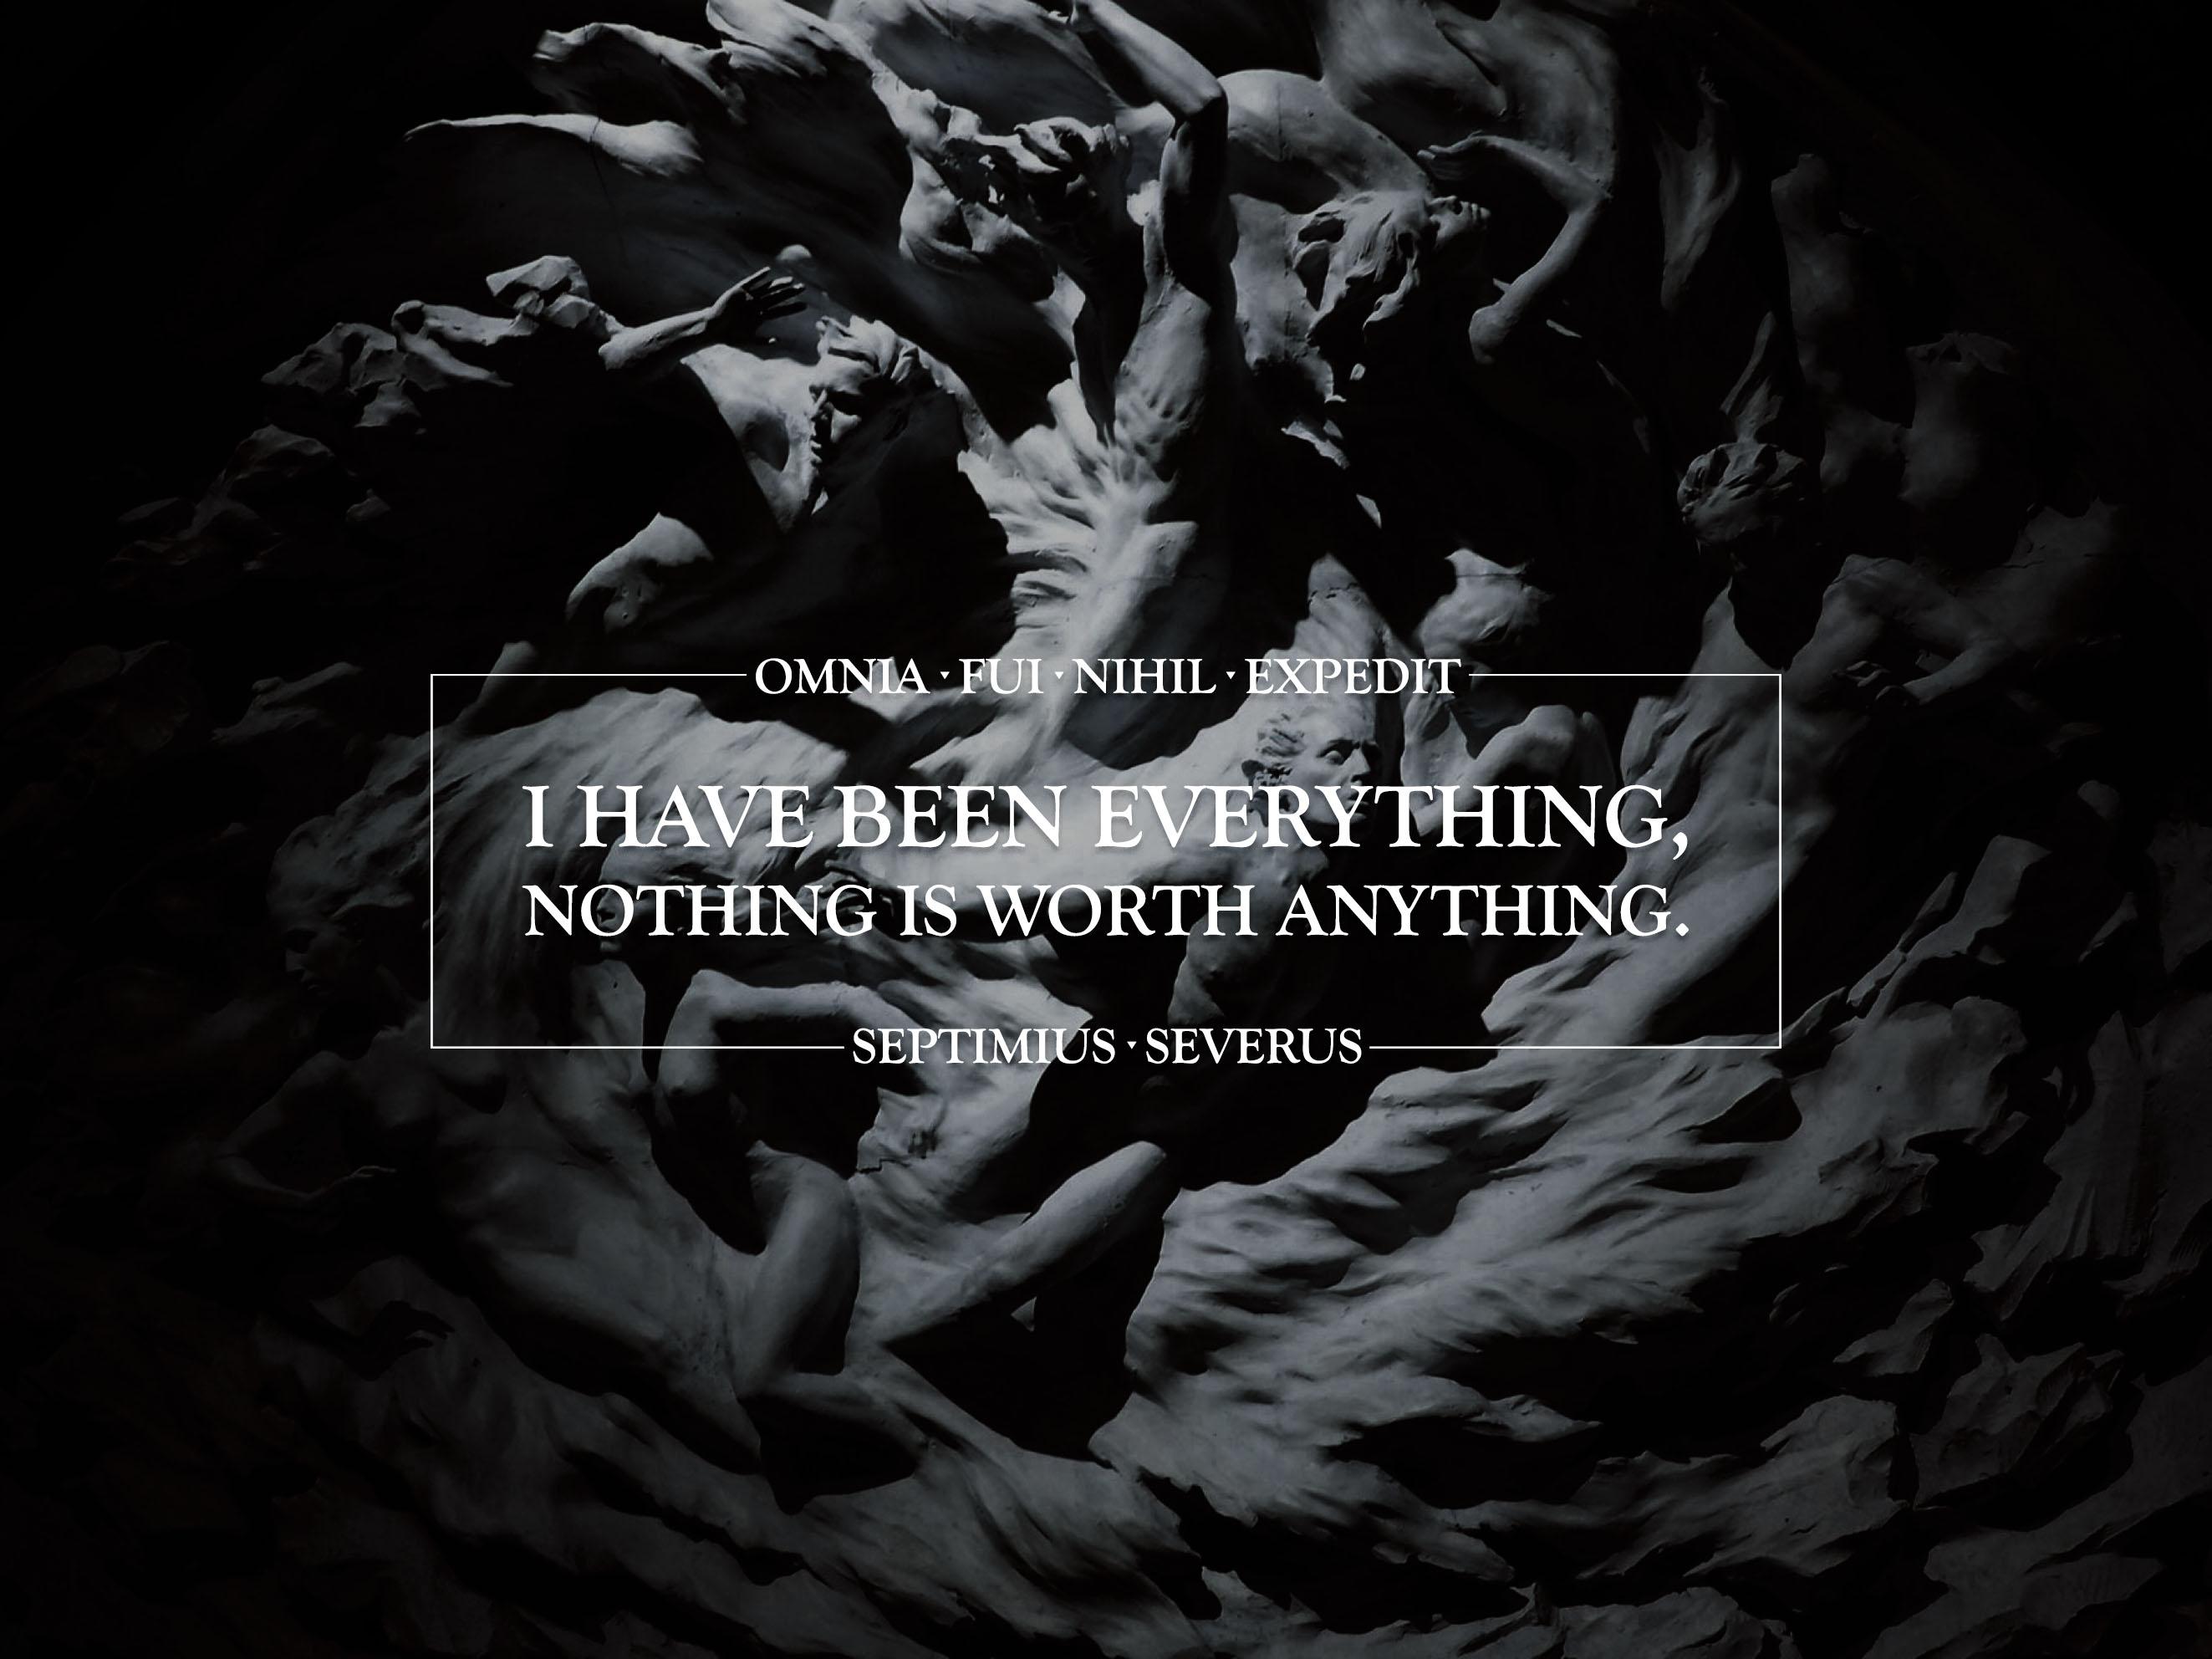 """""""Omnia fui, nihil expedit"""" — Septimius Severus [2646 x 1984] [OC]"""